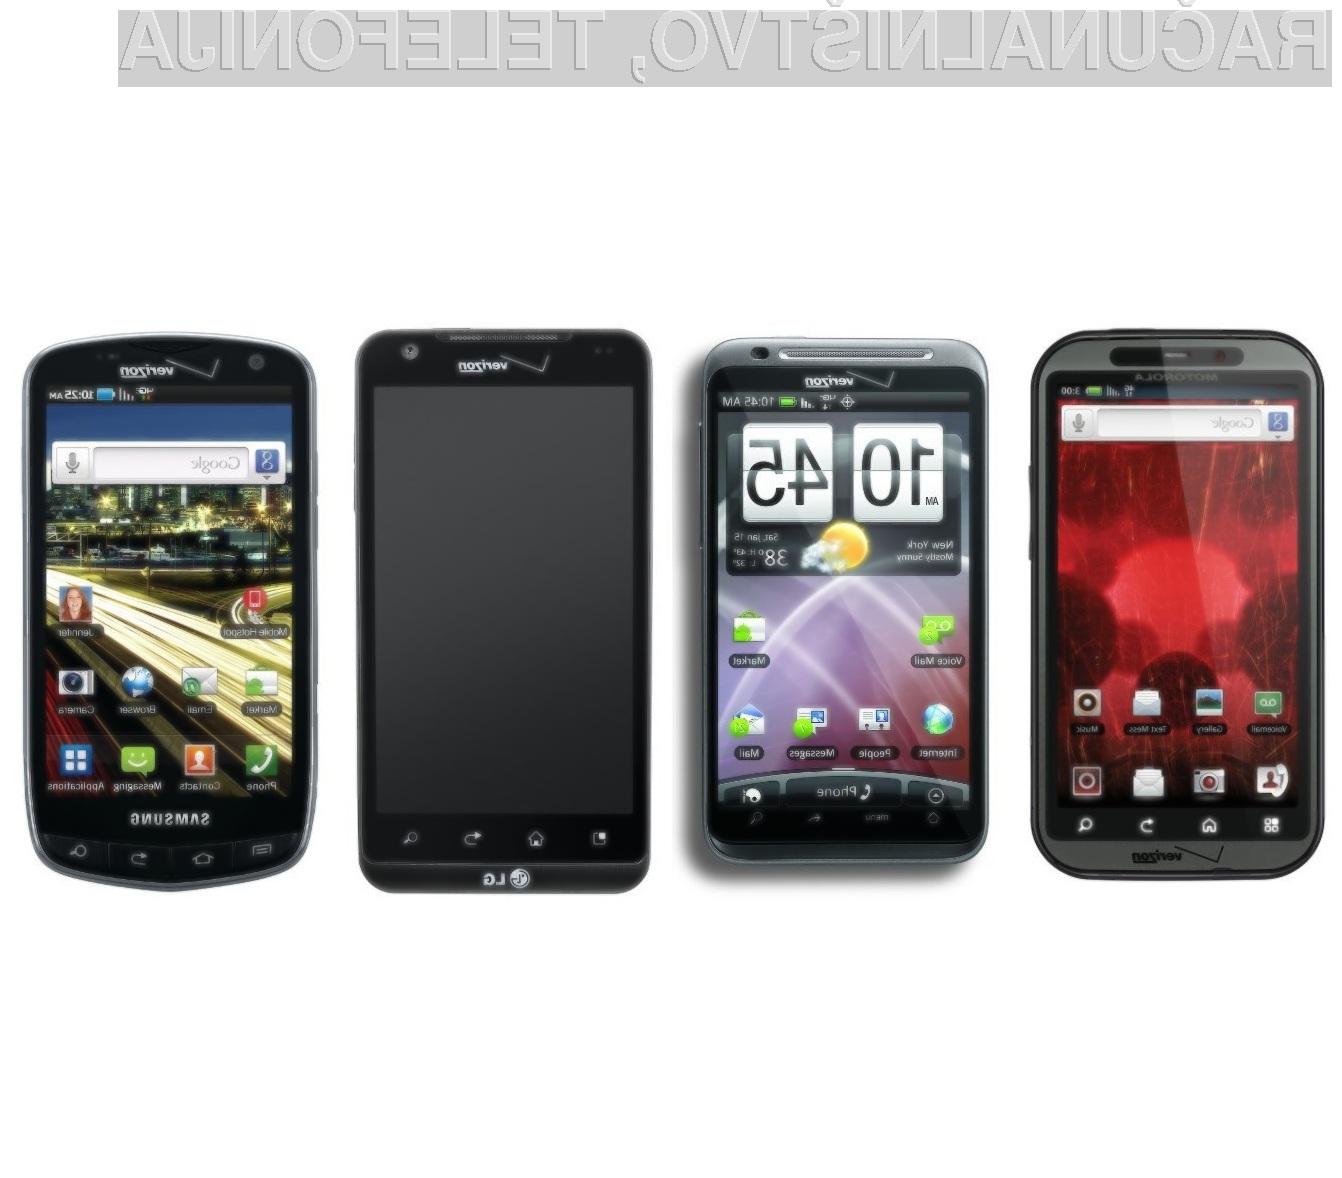 Android je nadvse primeren za tiste, ki si želijo mobilnik povsem prilagoditi njihovim željam in potrebam!